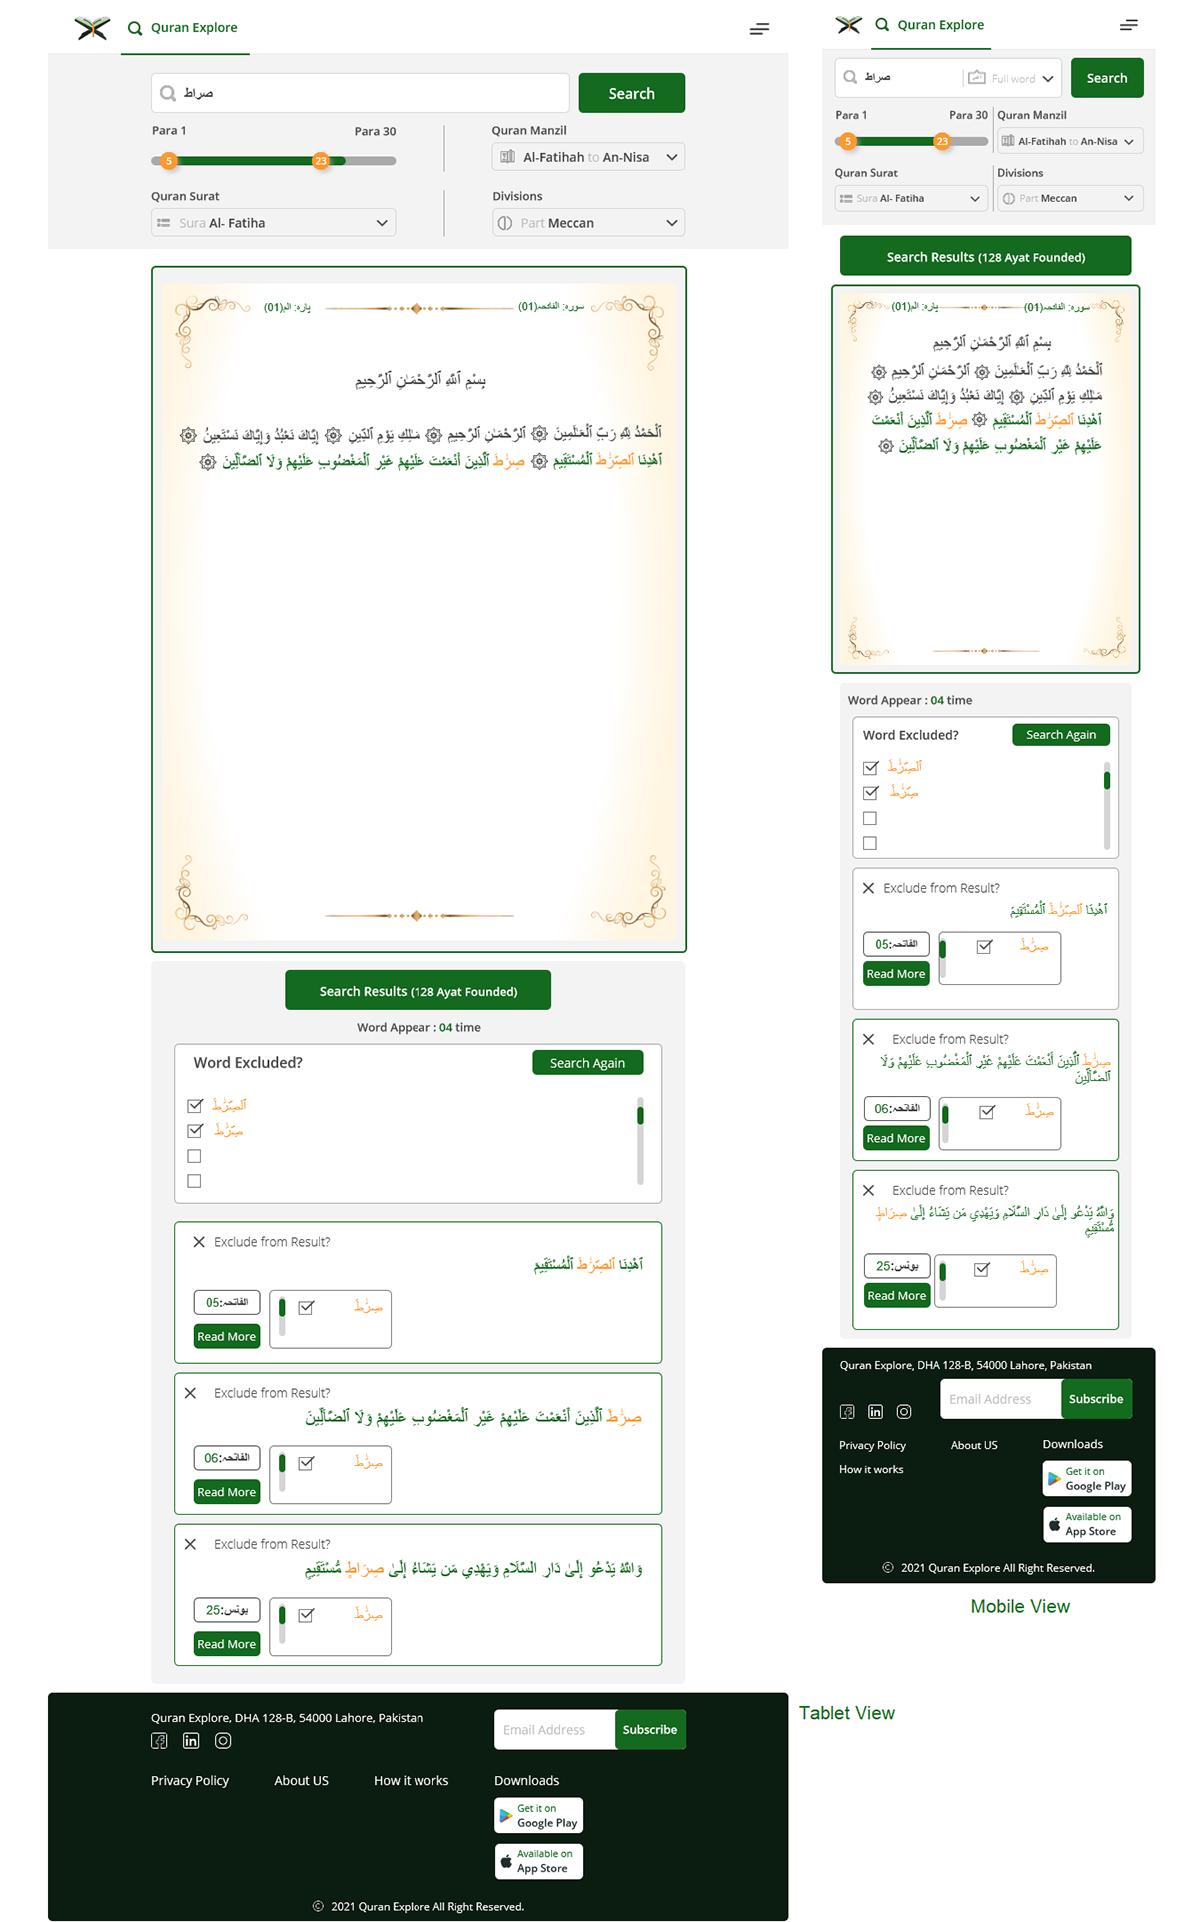 design geeksinux graphic design  Interaction design  logo designing Muhammad Nawaz Rizvi Quran Explore Quran search engine uiux web designing